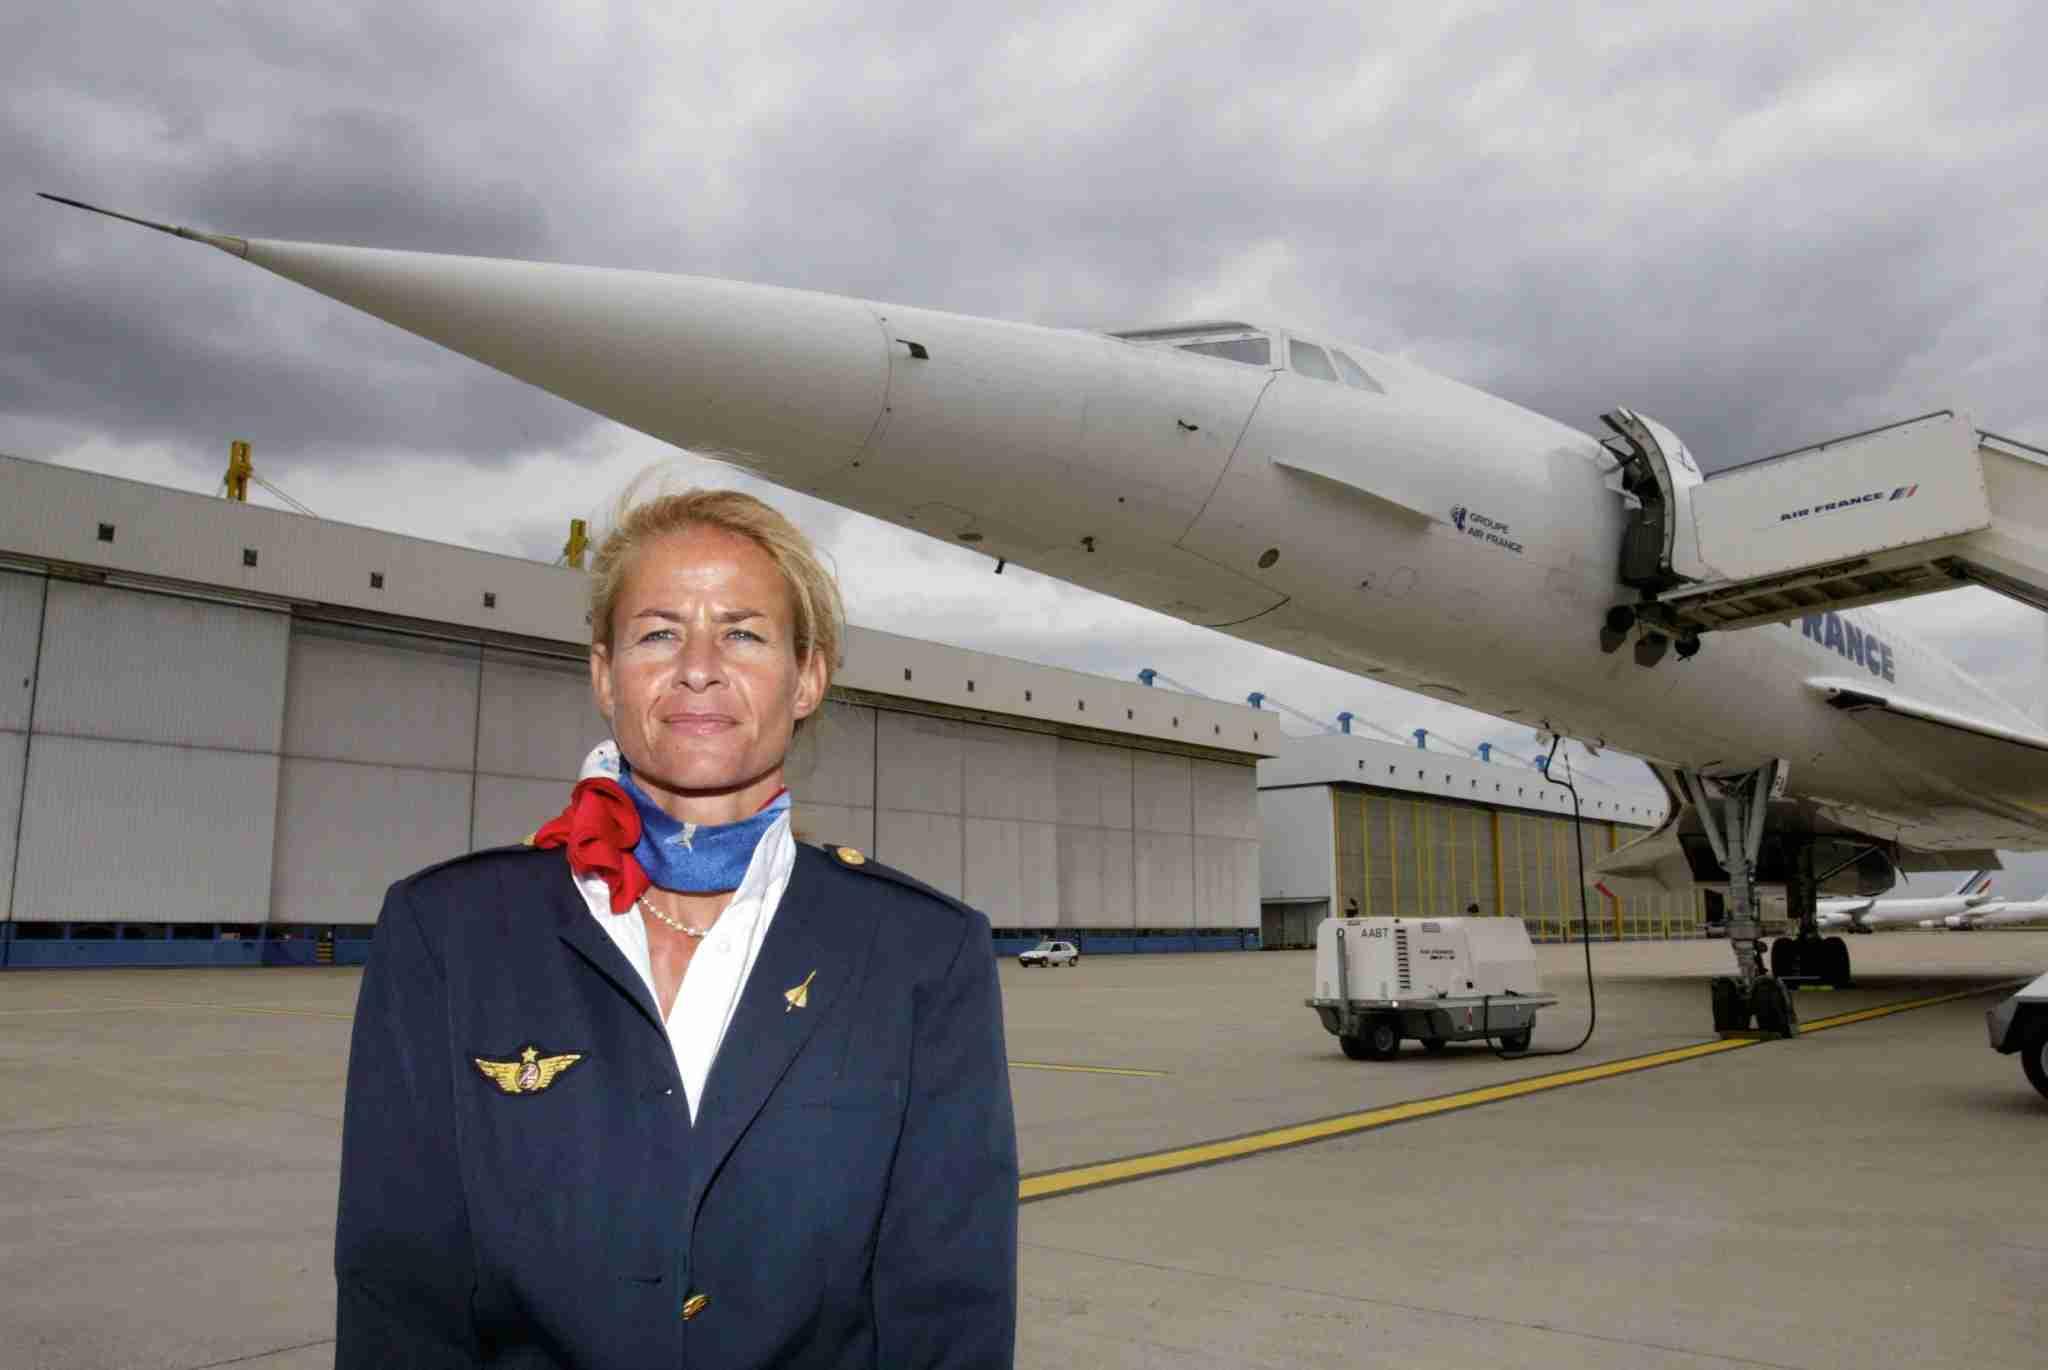 Béatrice Vialle, la première femme à avoir piloté un Concorde, pose le 12 mai 2003 à l